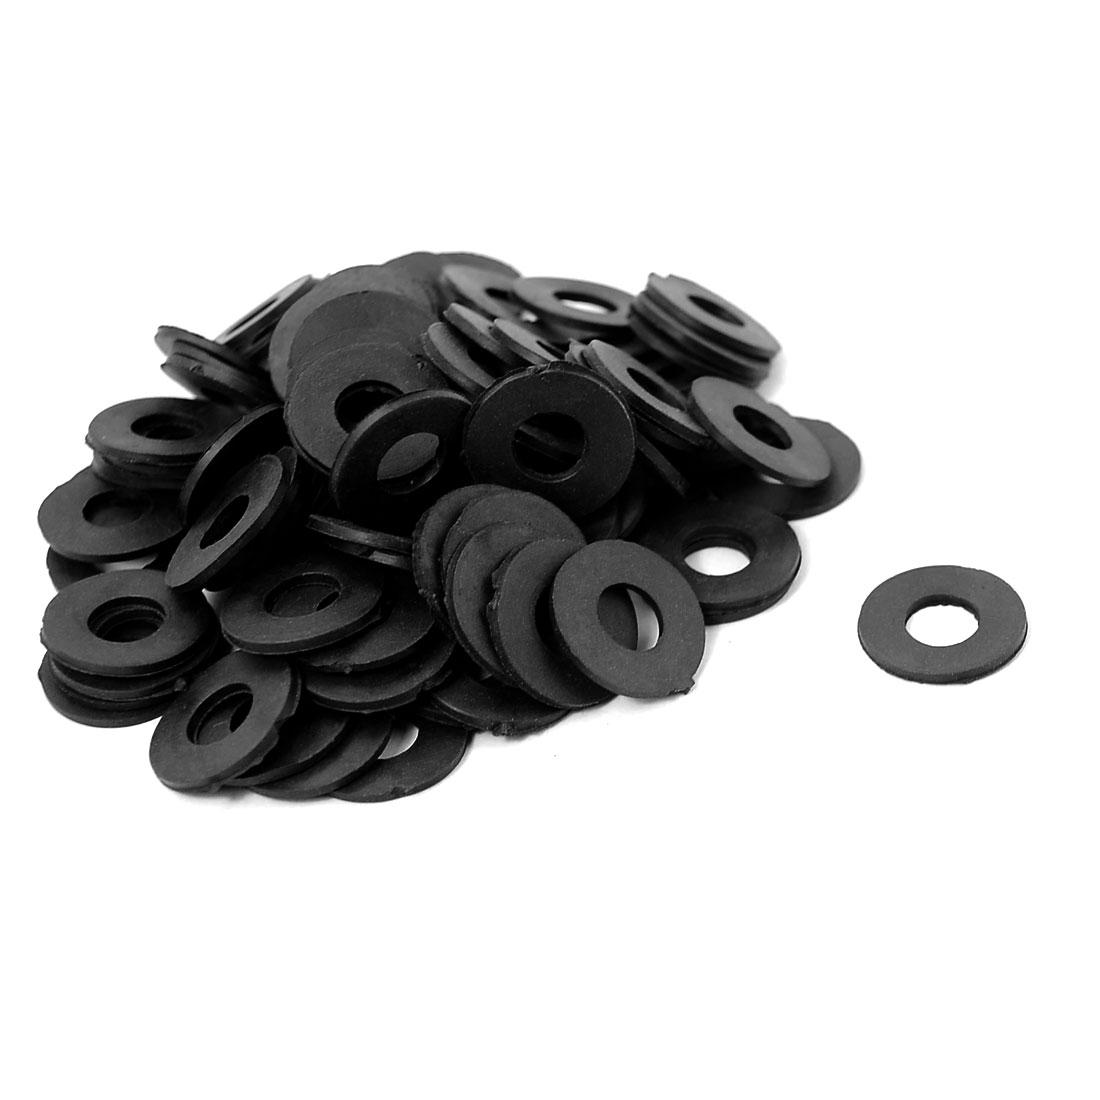 18mm x 8mm x 2mm Rubber O Ring Seal Tap Sink Water Tube Sealing Gasket 100PCS